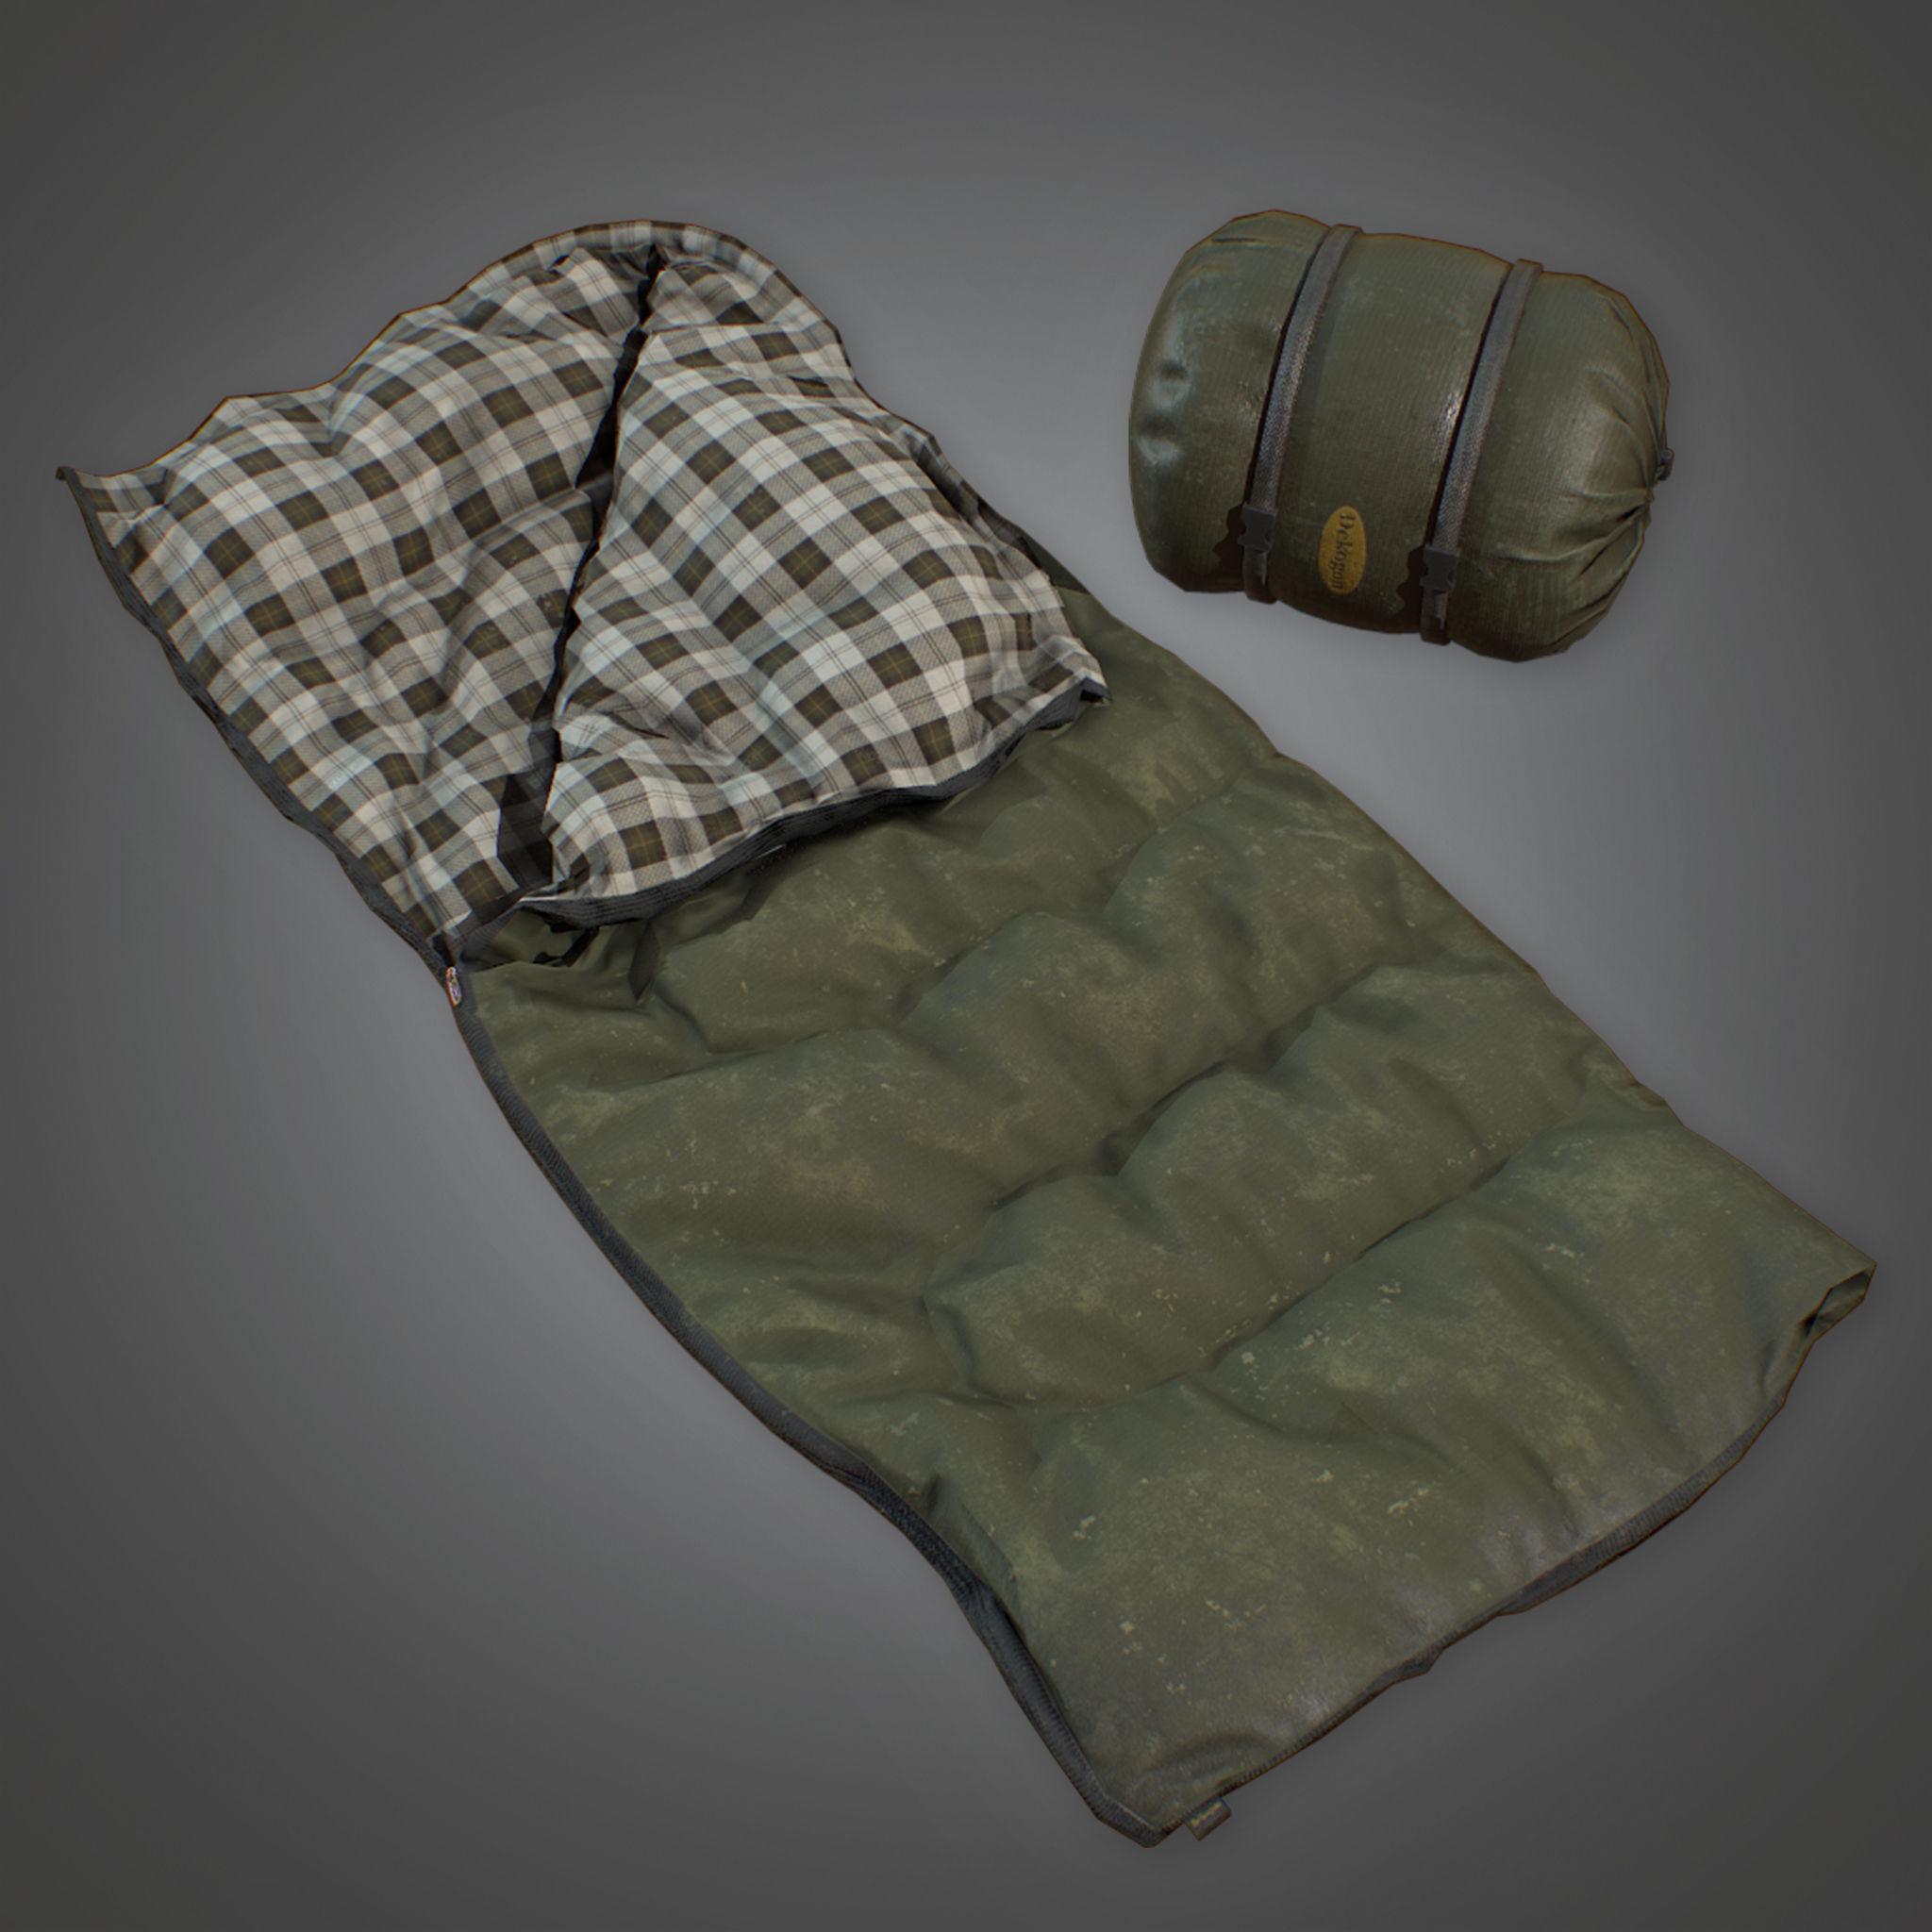 CAM - Sleeping Bag 01 - PBR Game Ready